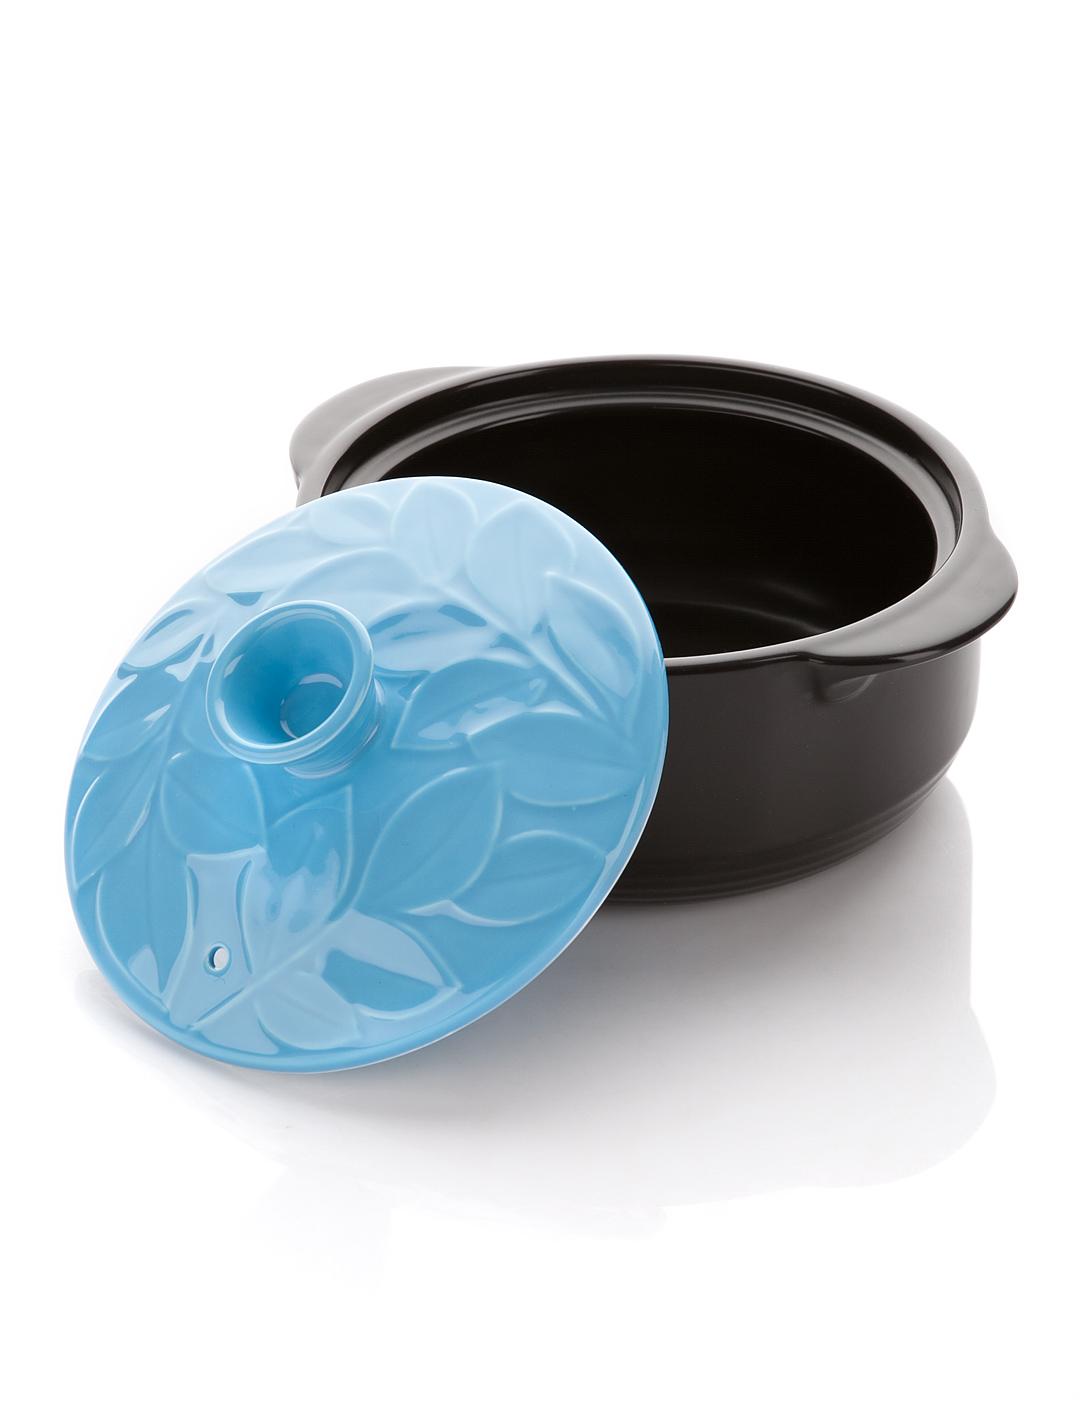 Кастрюля керамическая Hans & Gretchen с крышкой, цвет: голубой, 2,2 л12NF-B20Кастрюля Hans & Gretchen изготовлена из экологически чистой жаропрочной керамики. Керамическая крышка кастрюли оснащена отверстием для выпуска пара. Кастрюля равномерно нагревает блюдо, долго сохраняя тепло и не выделяя абсолютно никаких примесей в пищу. Кастрюля не искажает, а даже усиливает вкус пищи. Крышка изделия оформлена рельефным изображением листьев. Превосходно служит для замораживания продуктов в холодильнике (до -20°С). Кастрюля устойчива к химическим и механическим воздействиям. Благодаря толстым стенкам изделие нагревается равномерно.Кастрюля Hans & Gretchen прекрасно подойдет для запекания и тушения овощей, мяса и других блюд, а оригинальный дизайн и яркое оформление украсят ваш стол.Можно мыть в посудомоечной машине. Кастрюля предназначена для использования на газовой и электрической плитах, в духовке и микроволновой печи. Не подходит для индукционных плит. Высота стенки: 9 см.Ширина кастрюли (с учетом ручек): 25 см.Толщина дна: 5 мм.Толщина стенки: 5 мм.